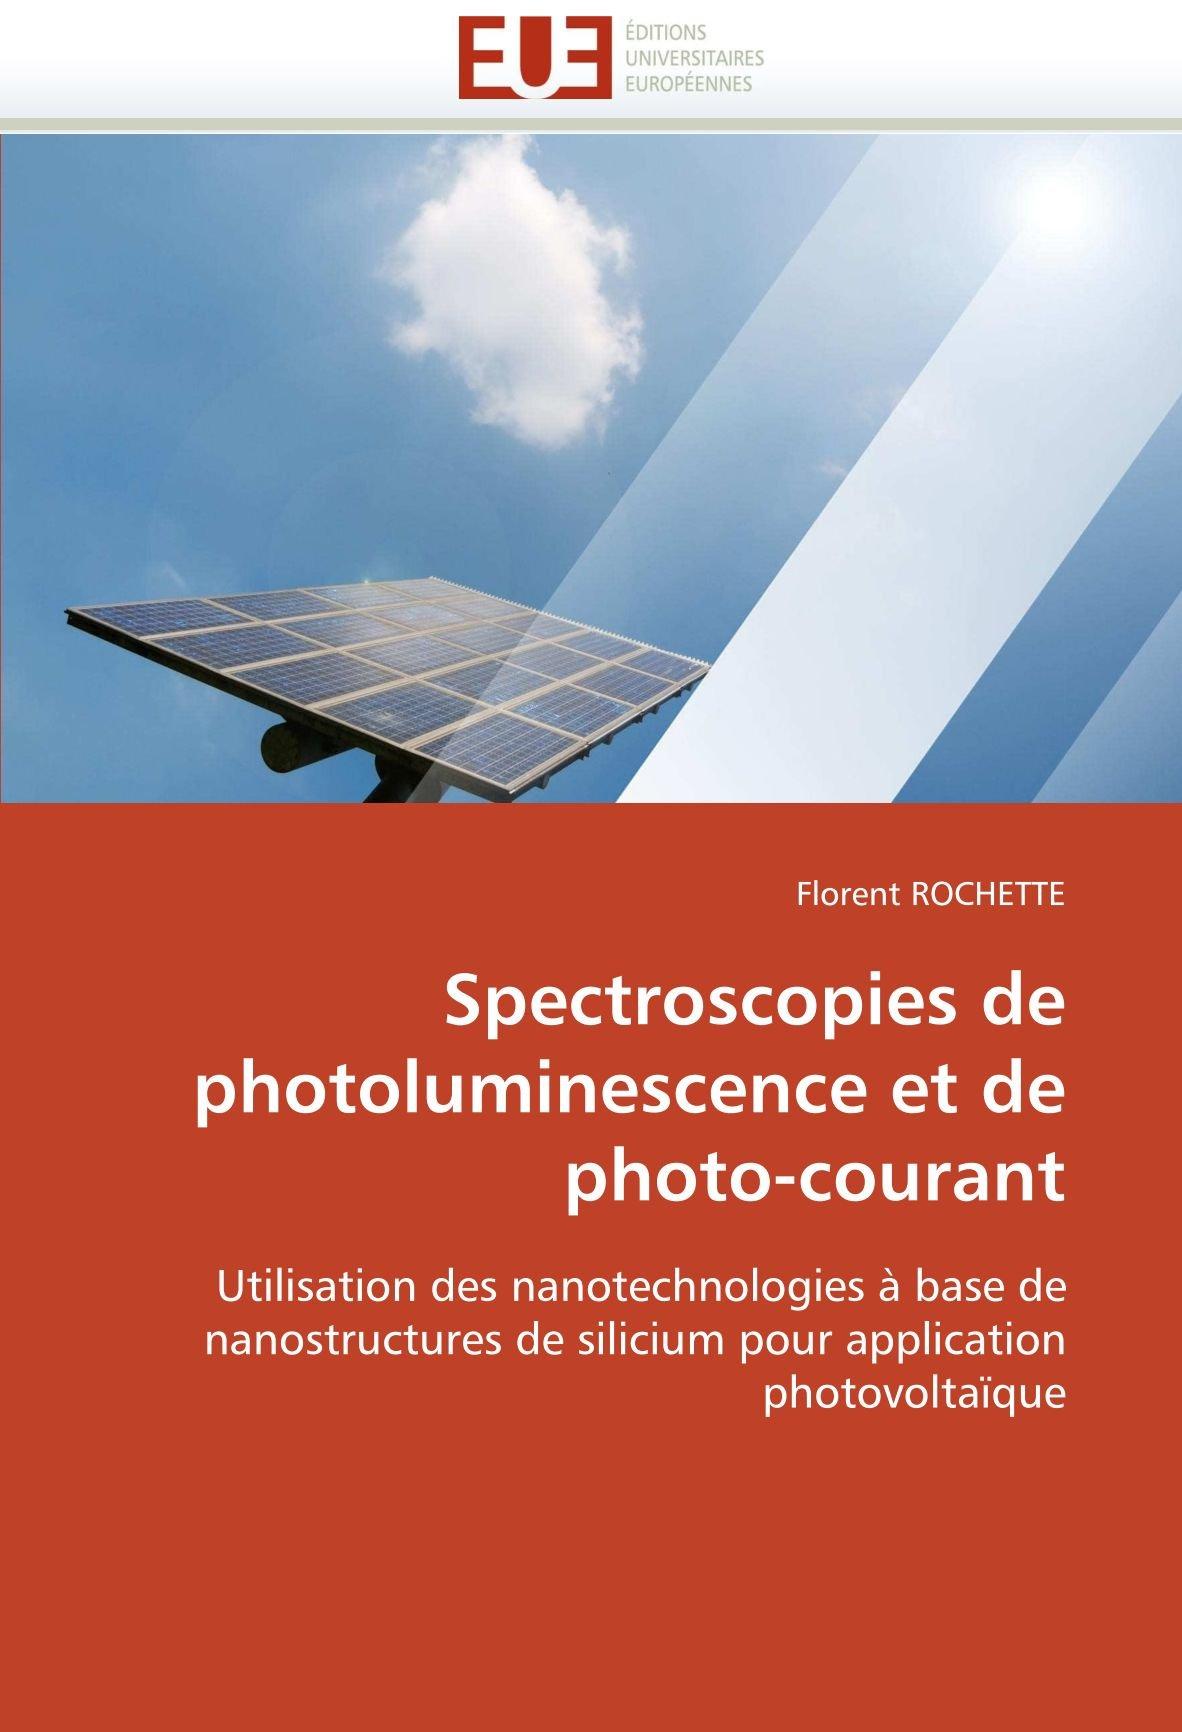 Spectroscopies de photoluminescence et de photo-courant: Utilisation des nanotechnologies à base de nanostructures de silicium pour application photovoltaïque (French Edition) ebook